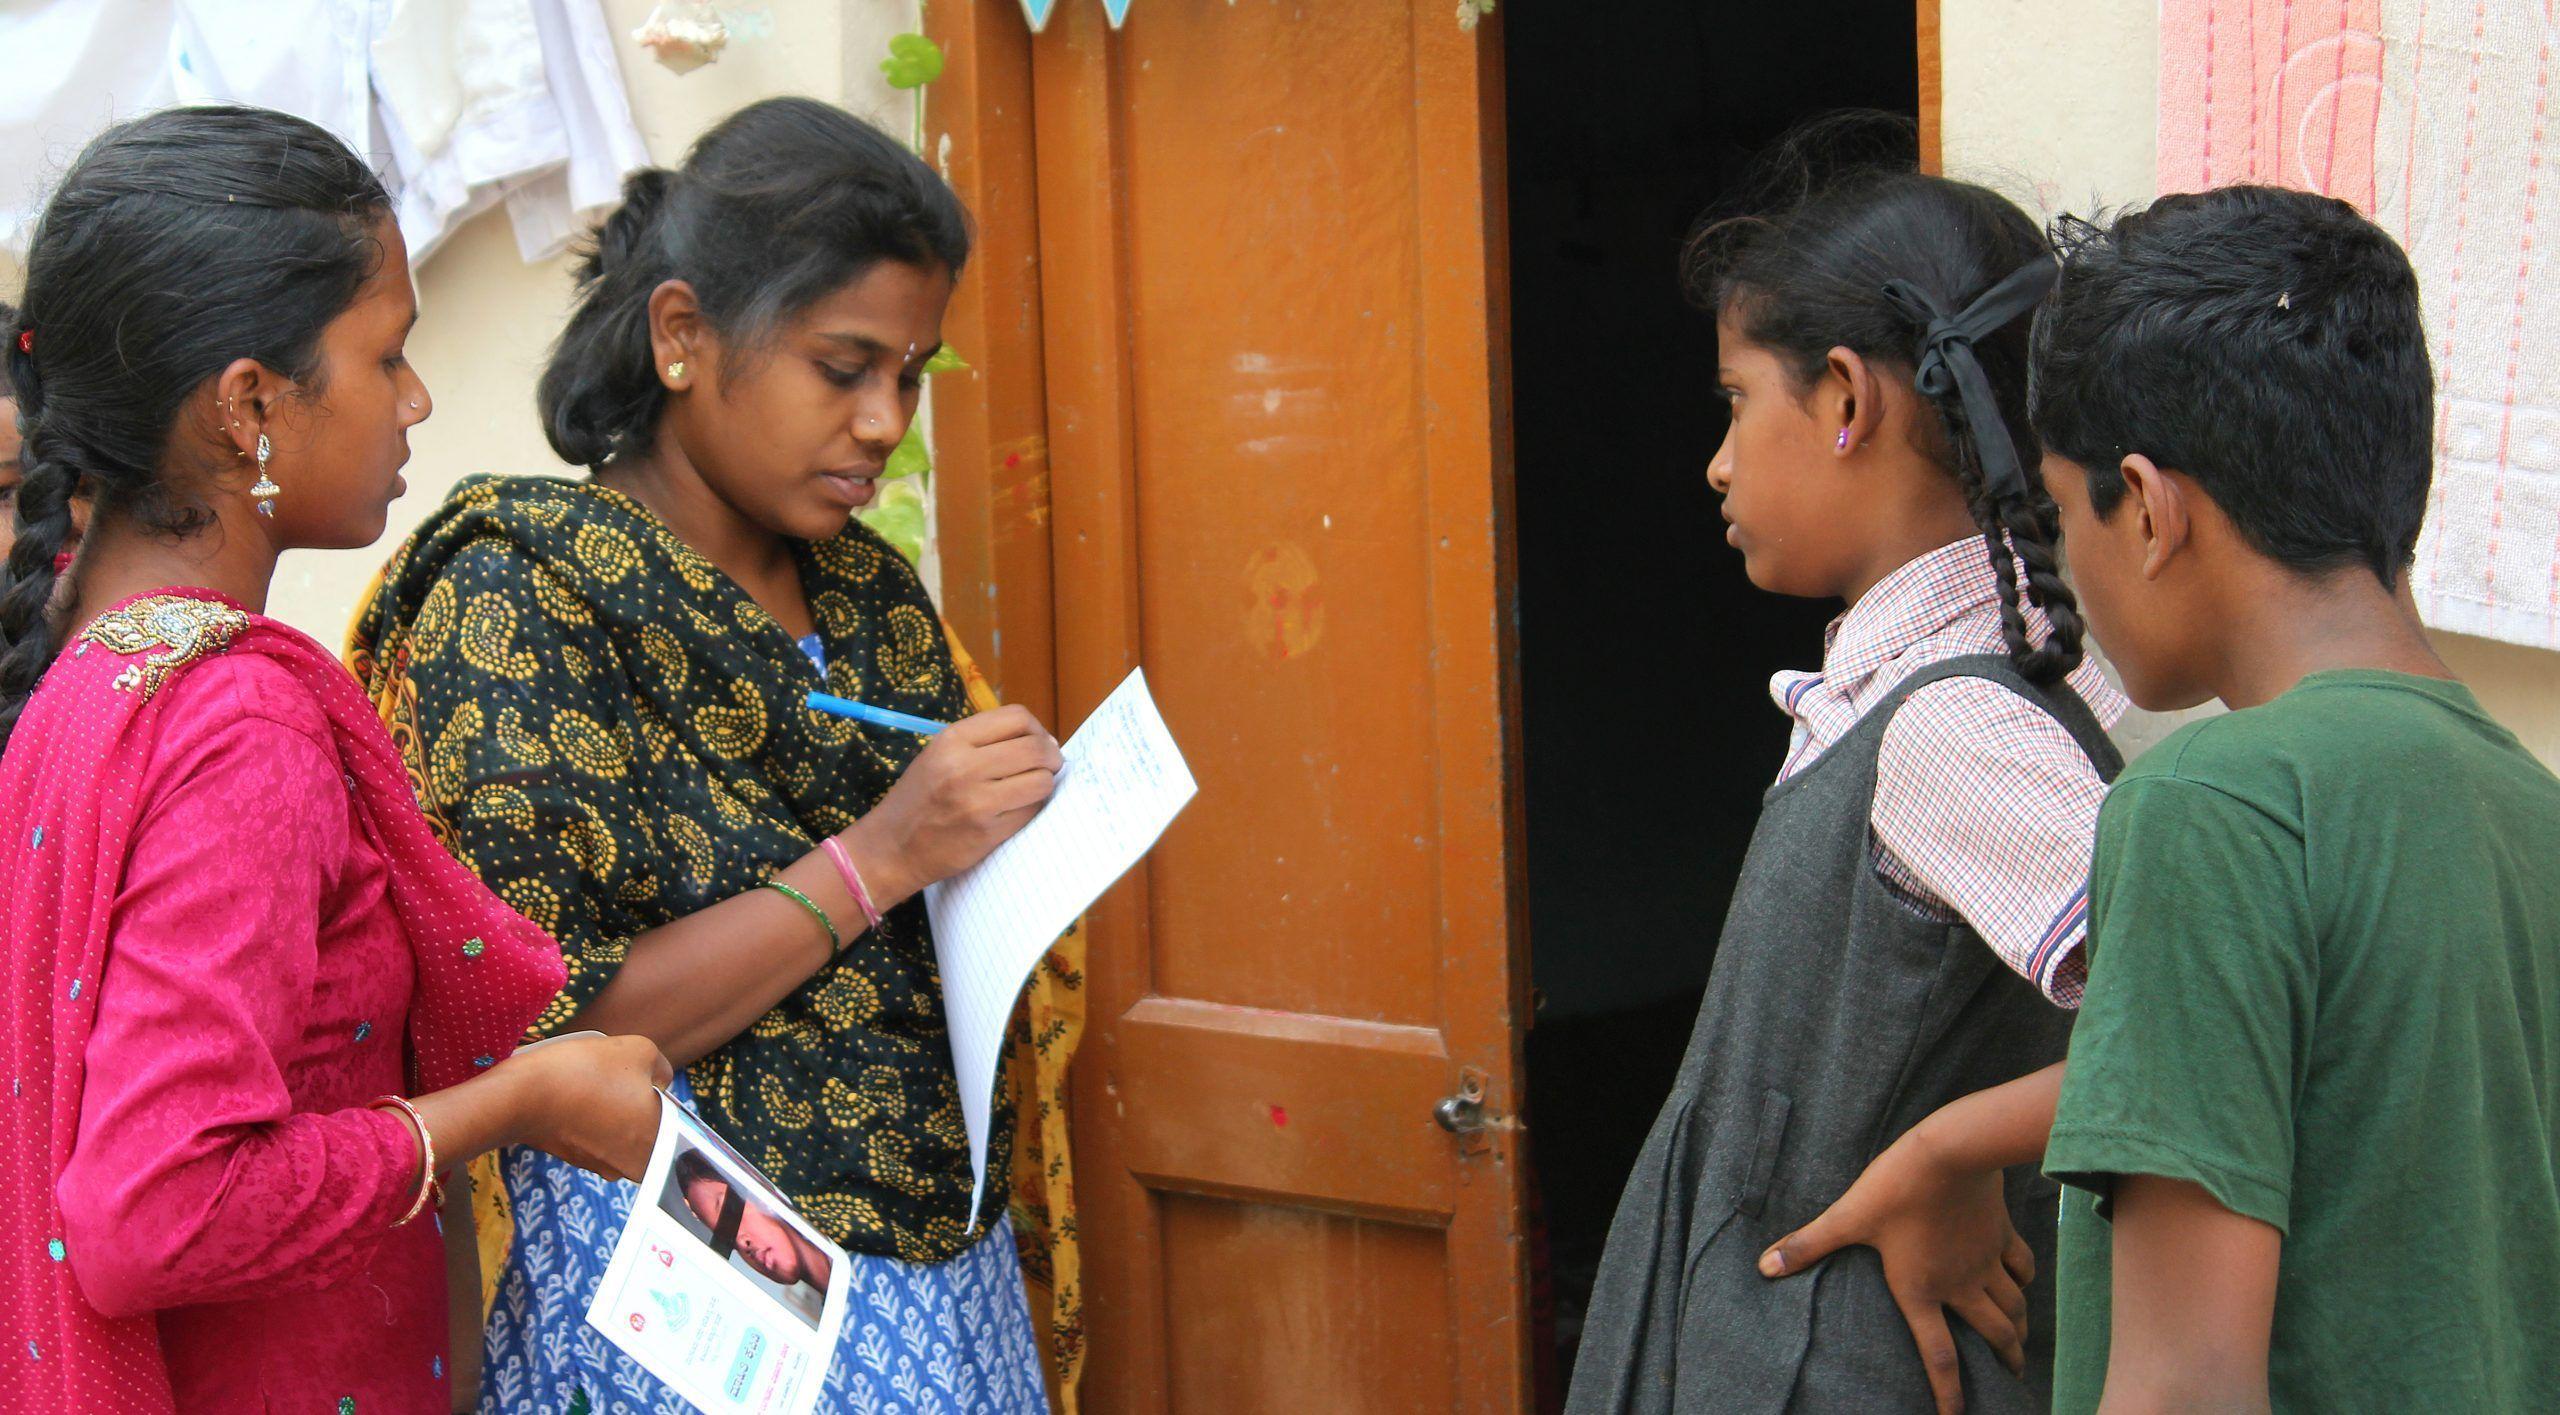 Promotoras de salud en India